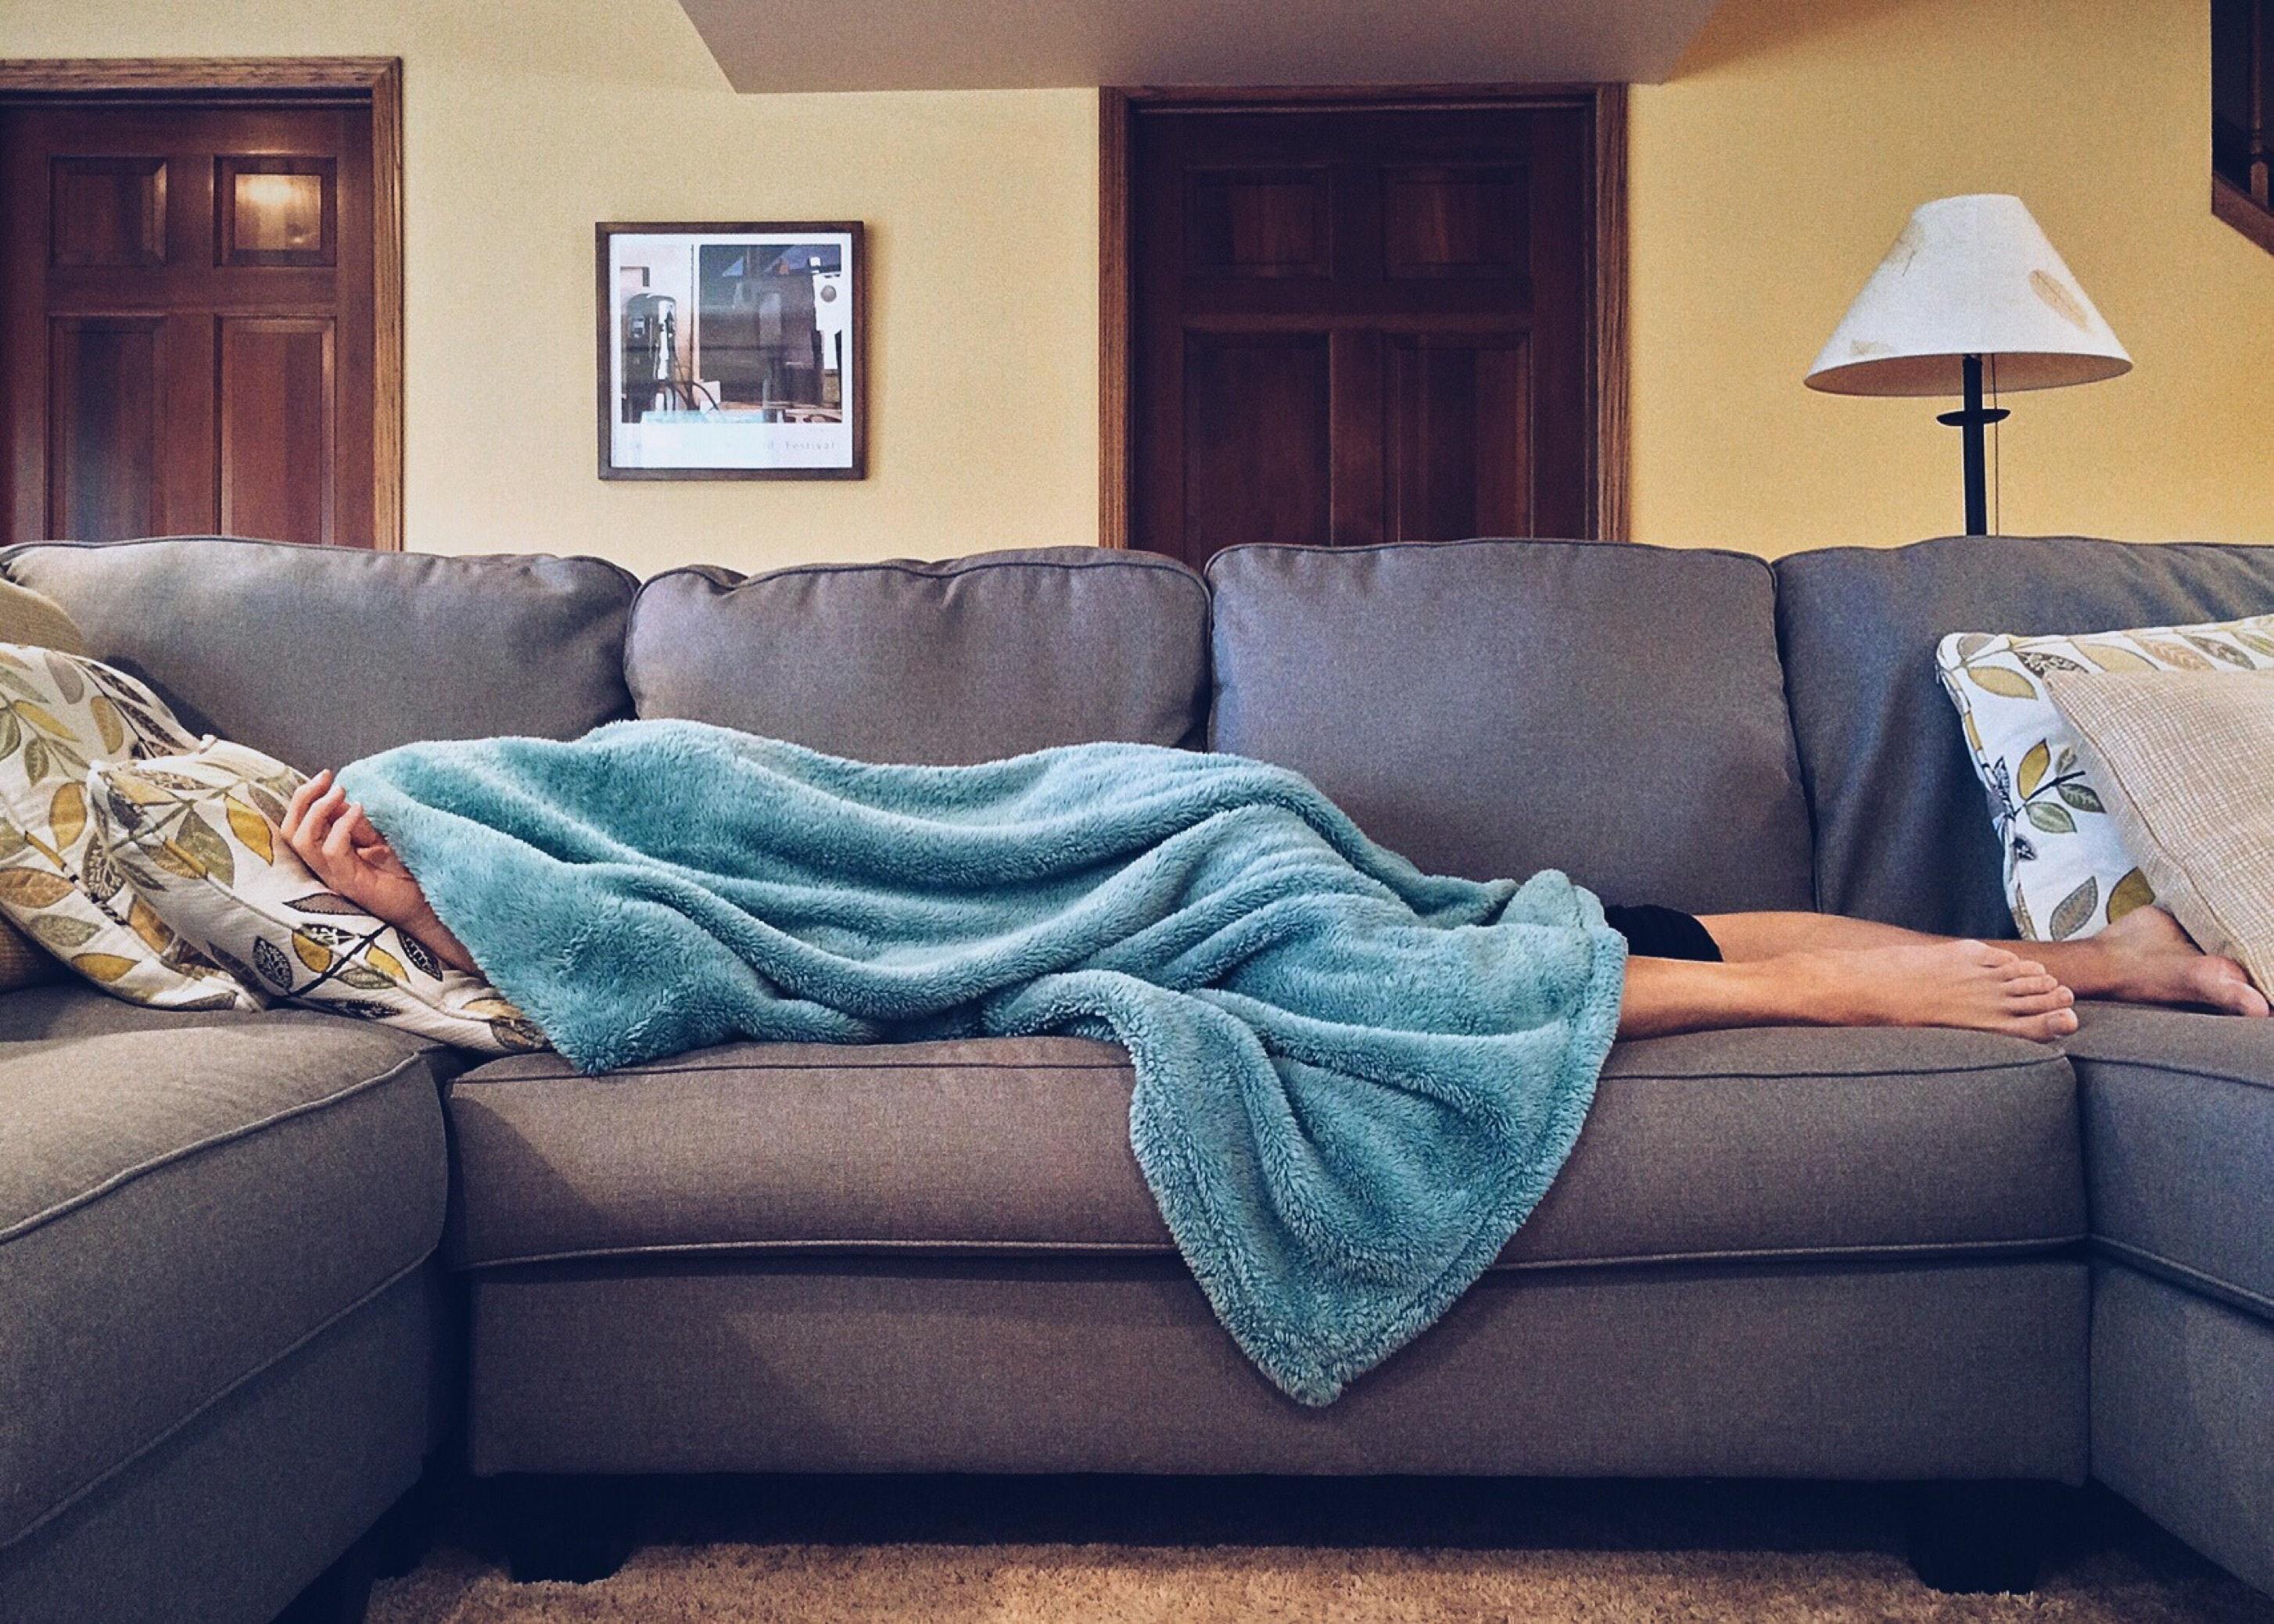 22 Ways to Prevent Common Sleep Problems